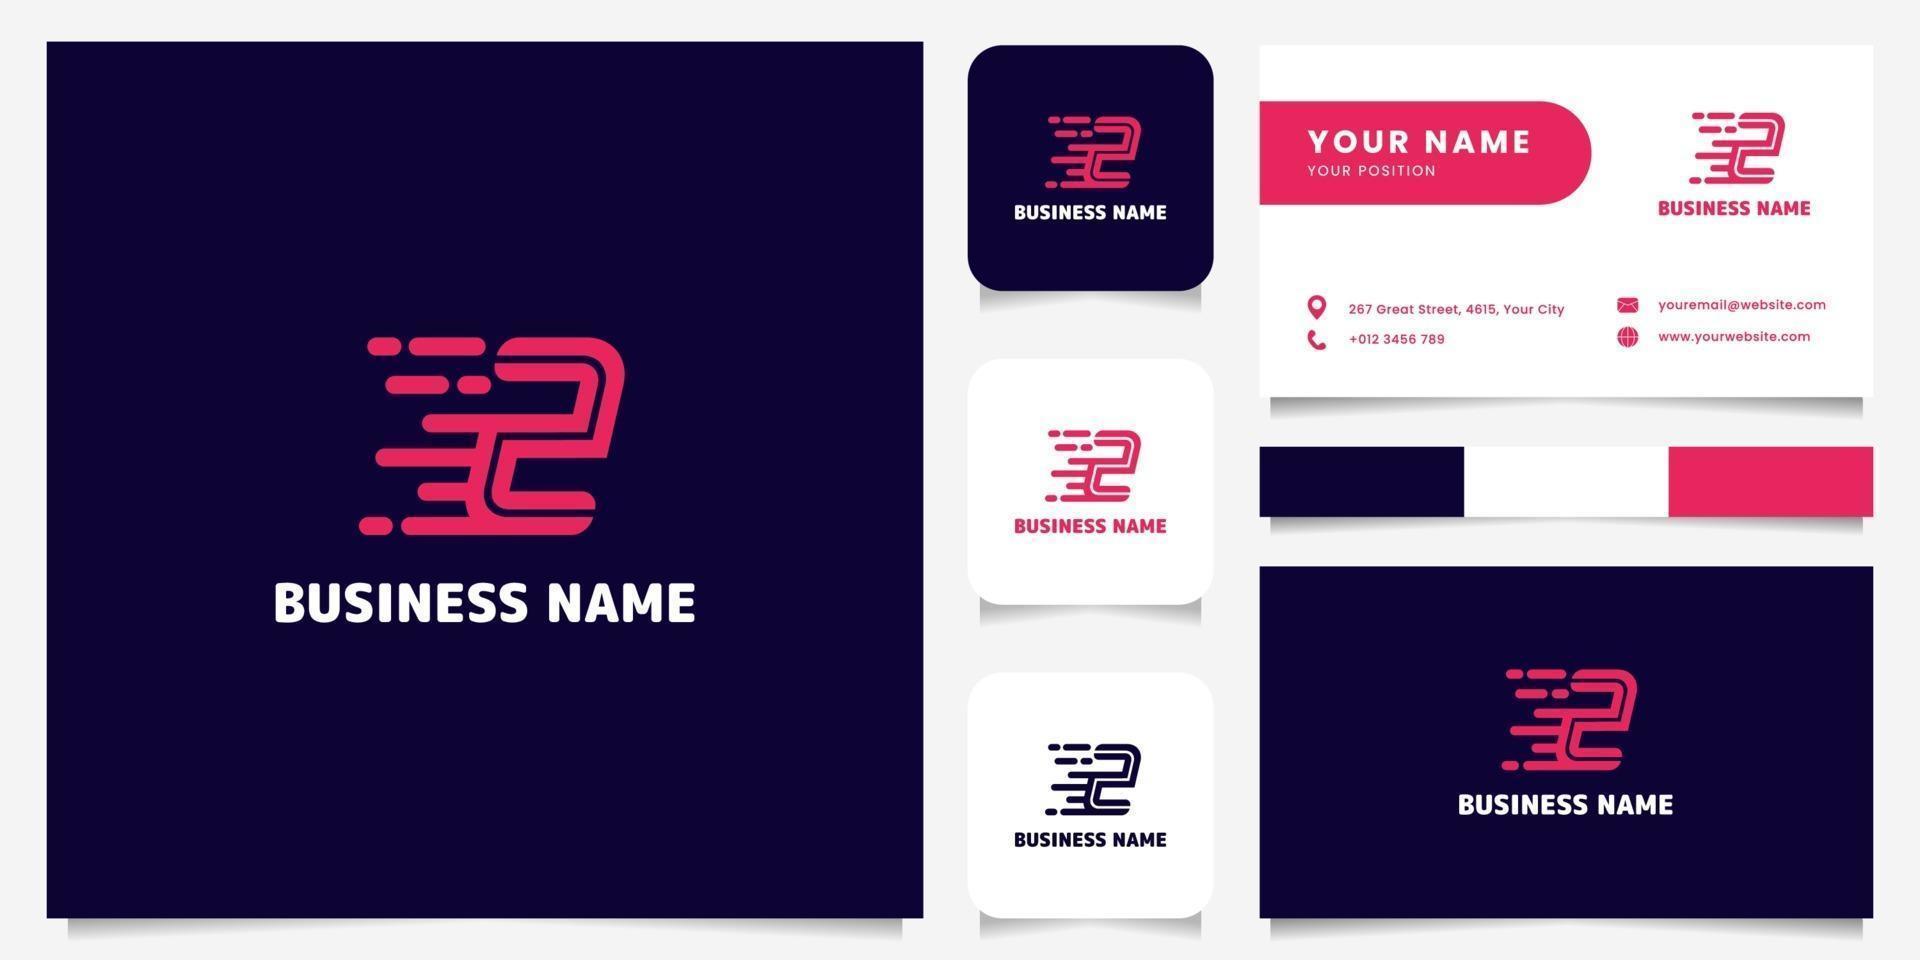 logo di velocità lettera z rosa brillante semplice e minimalista nel logo di sfondo scuro con modello di biglietto da visita vettore